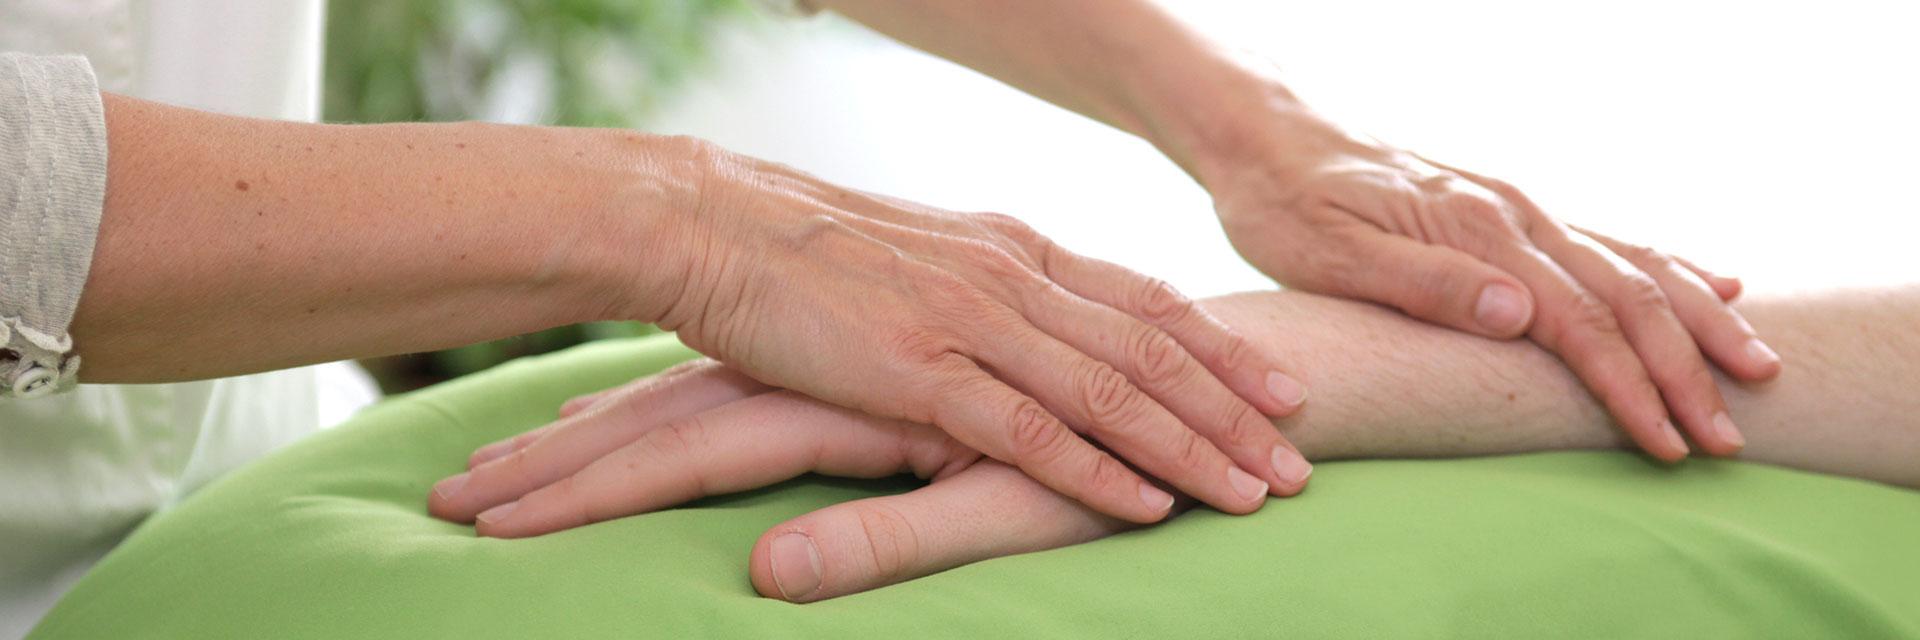 Therapeutin legt Hände auf